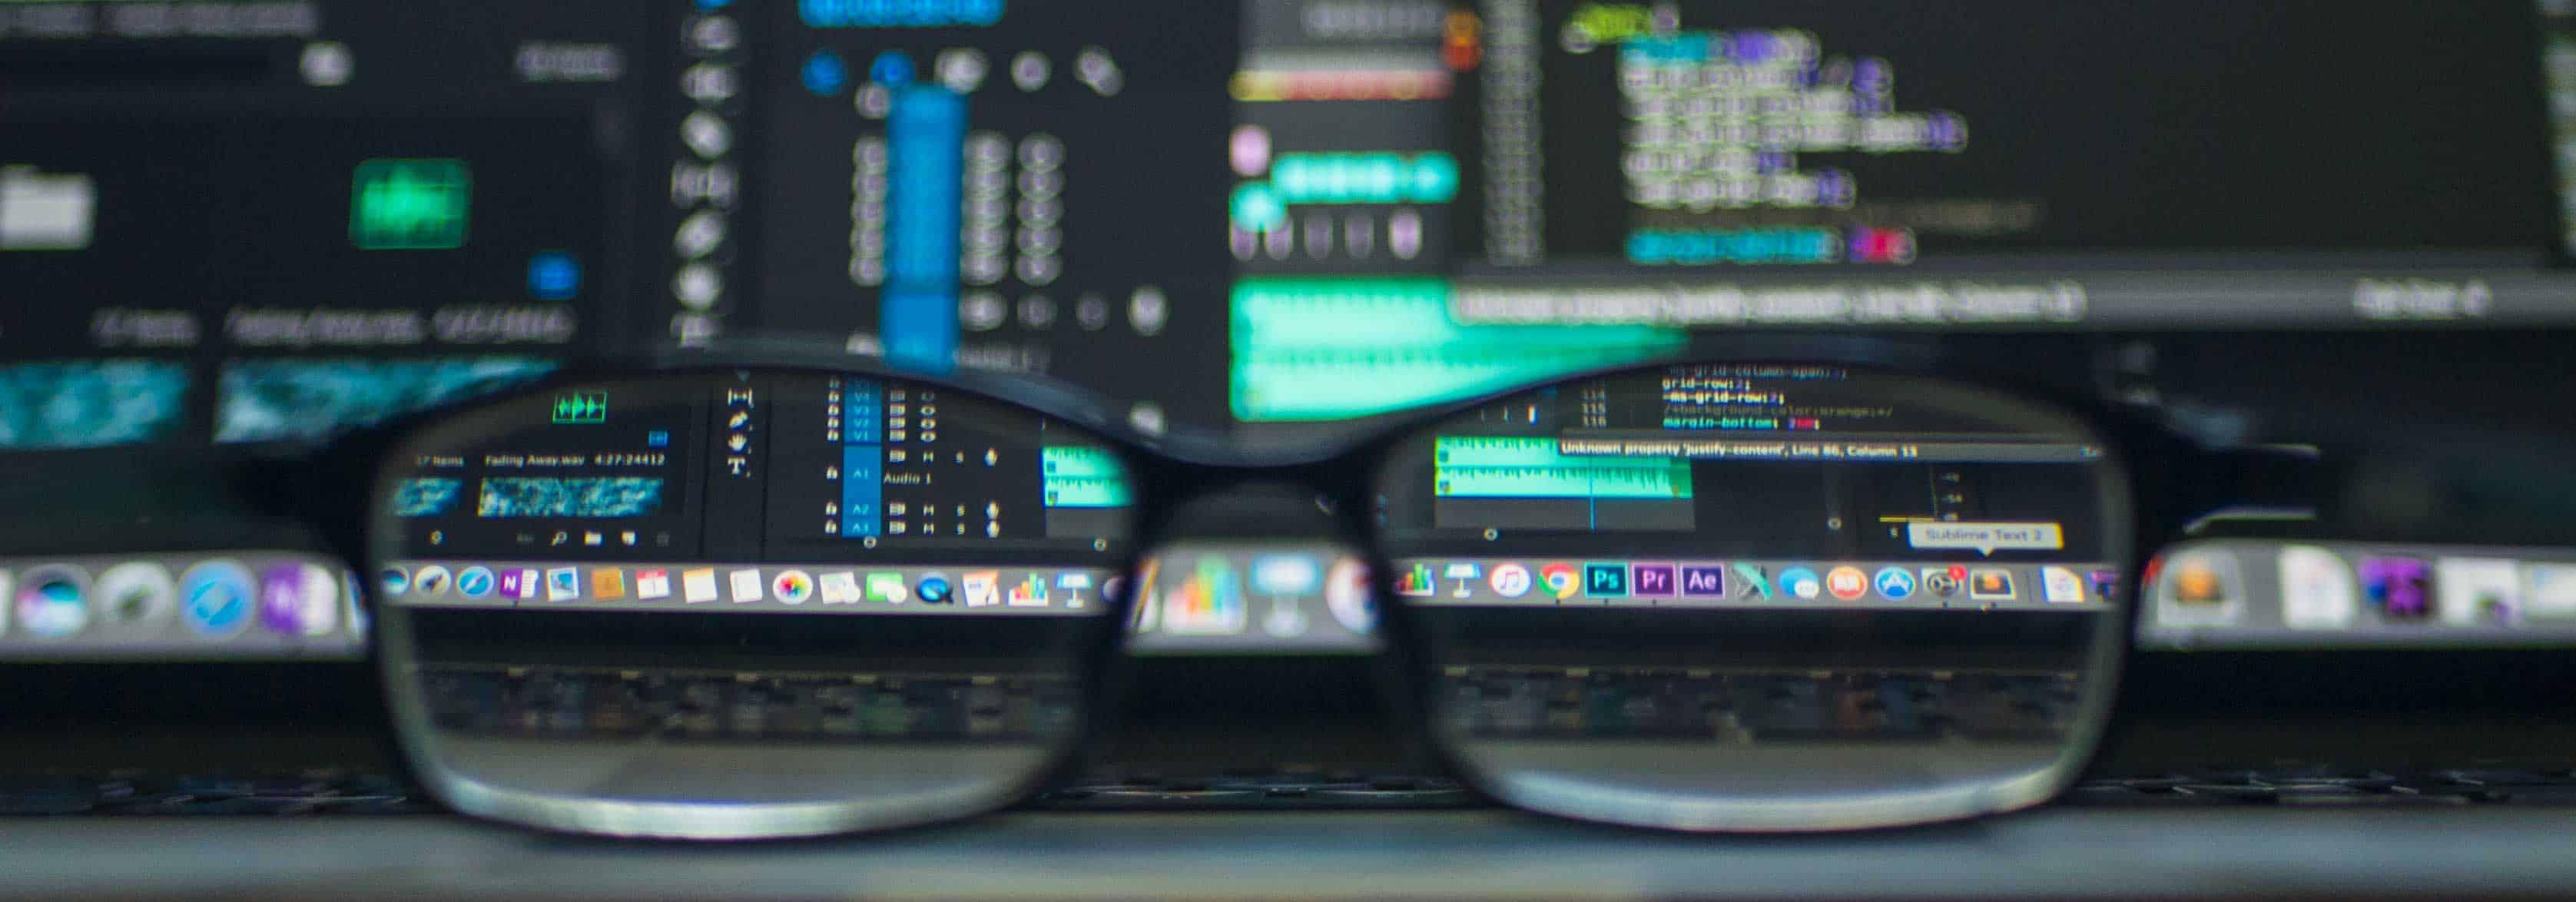 Why Online Data Storage?